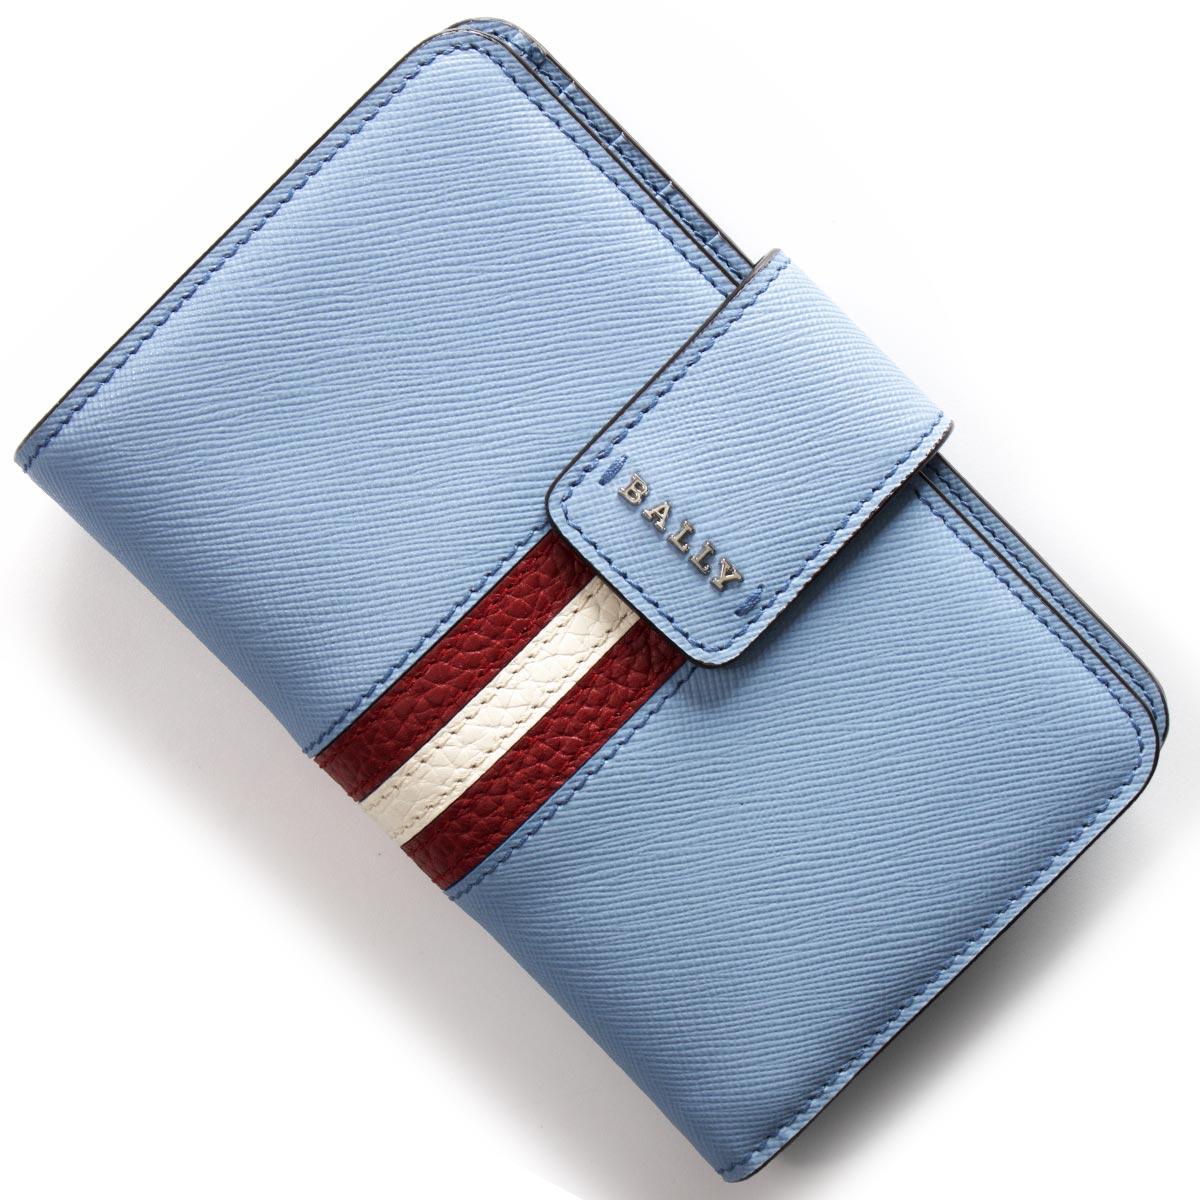 バリー 二つ折り財布 財布 レディース スエムブリッジ SEMBRIDGE オーシャンスプレーブルー SEMBRIDGES 87 6222433 2018年秋冬新作 BALLY